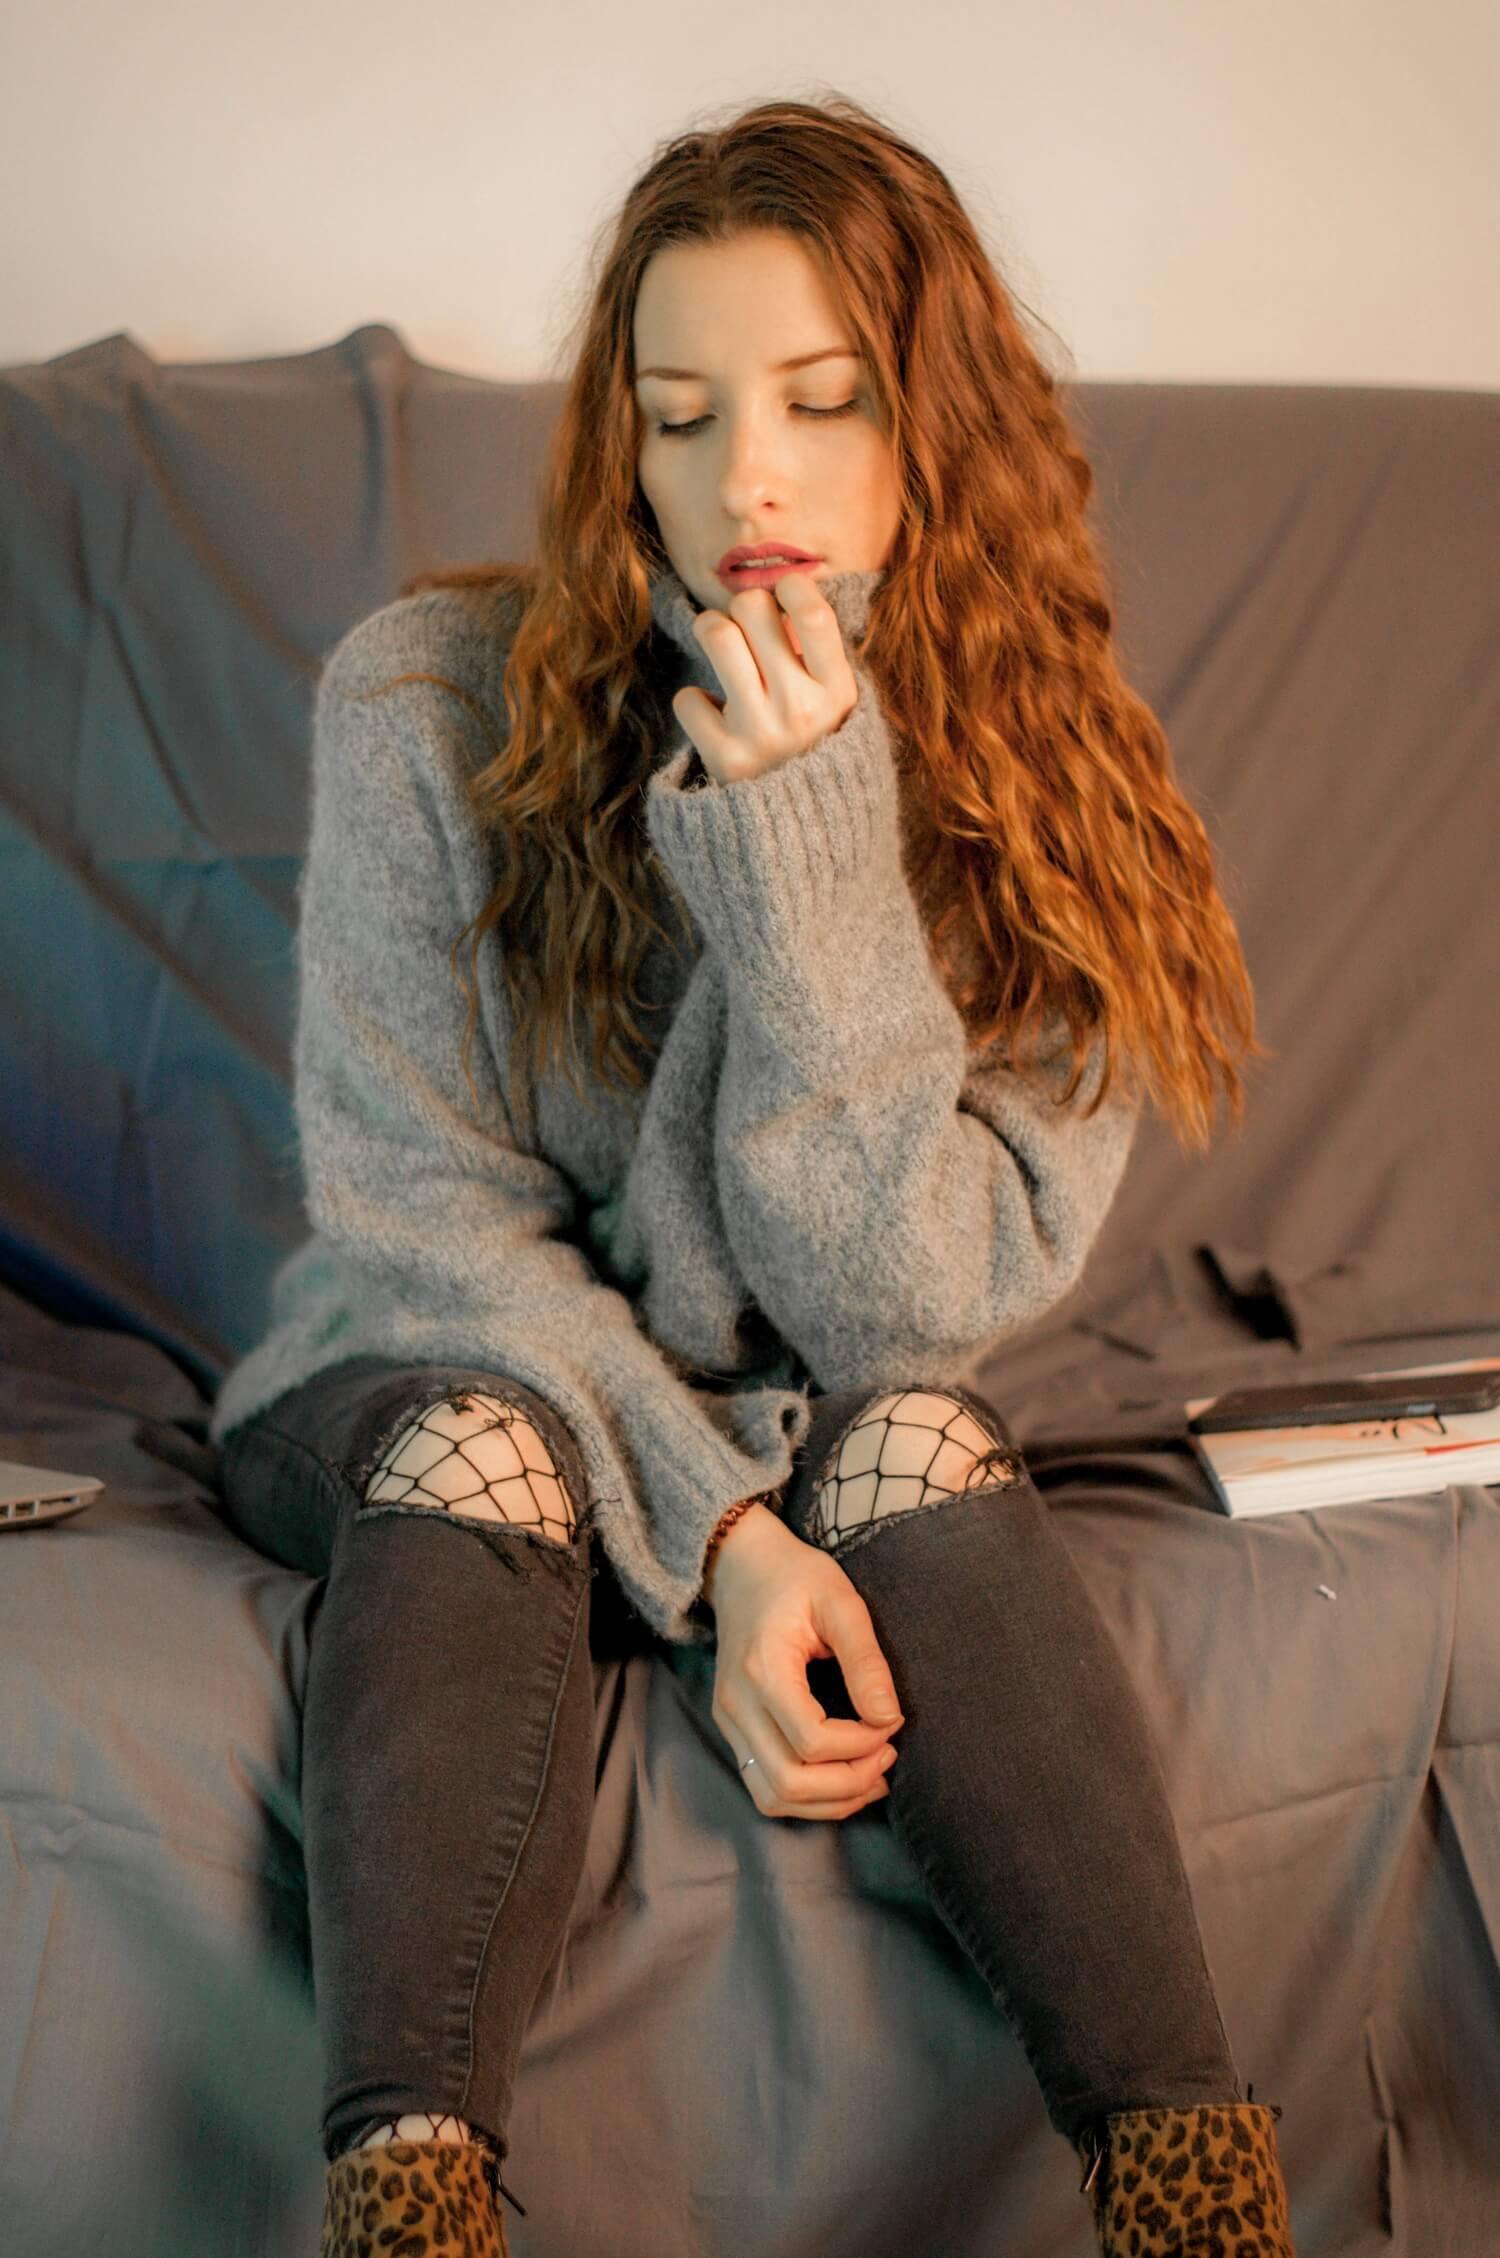 Avec le froid de l'hiver, rien de mieux qu'un pull en laine à col roulé. Celui-ci vient de chez H&M et je le porte avec mon bombardier de chez Bershka. | happinesscoco.com